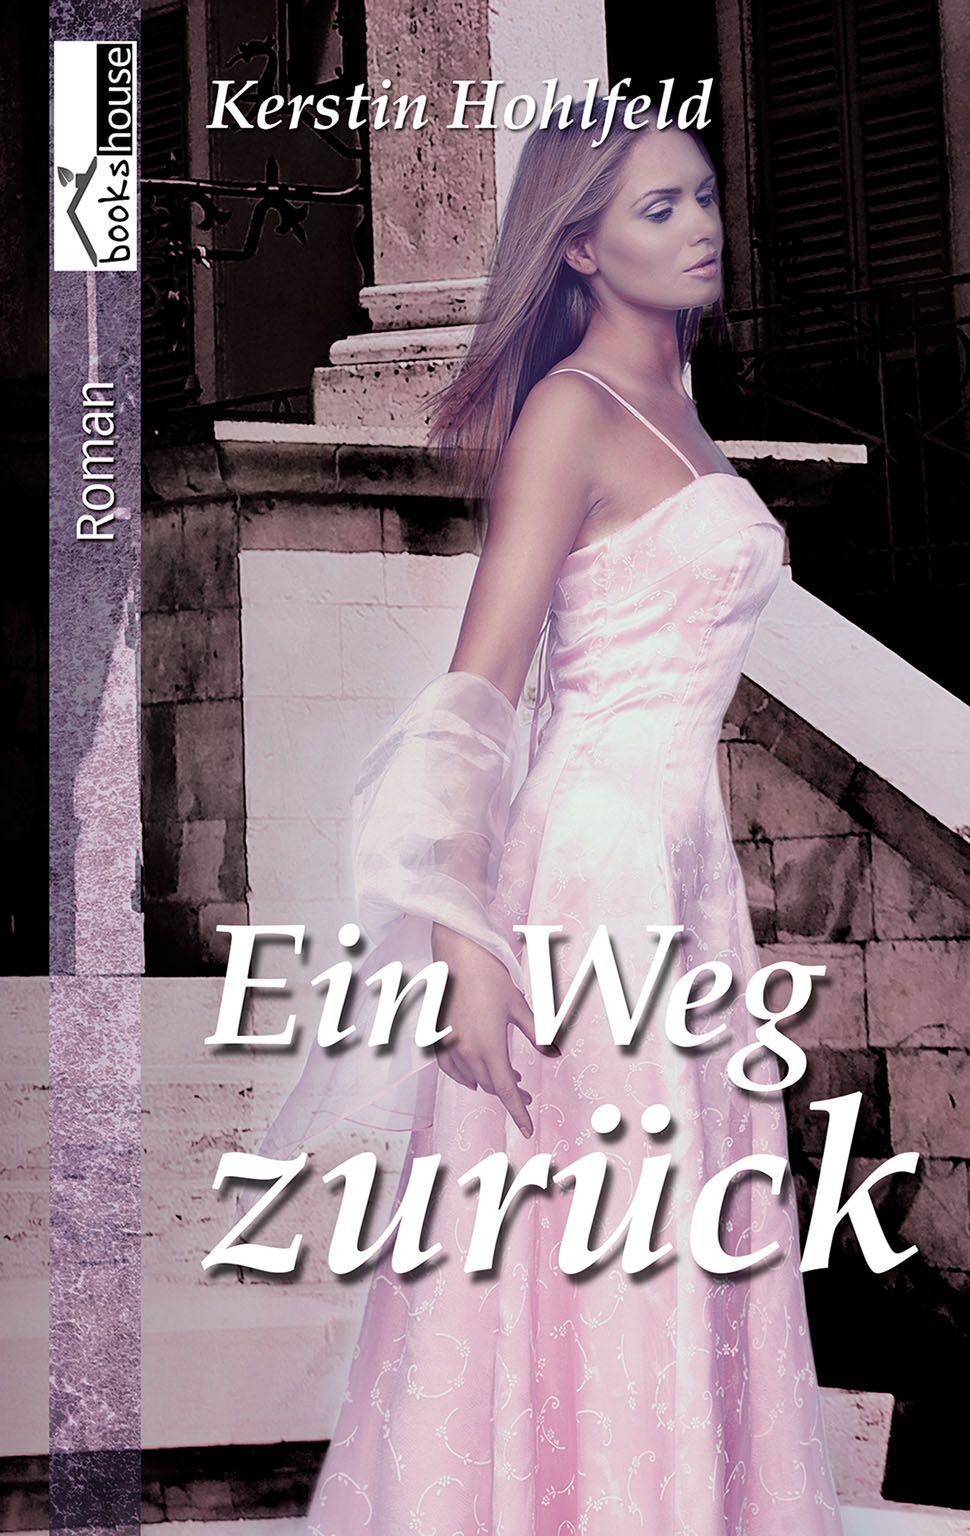 """""""Ein Weg zurück"""" von Kerstin Hohlfeld ab April 2014 im bookshouse Verlag. www.bookshouse.de/buecher/Ein_Weg_zurueck/"""